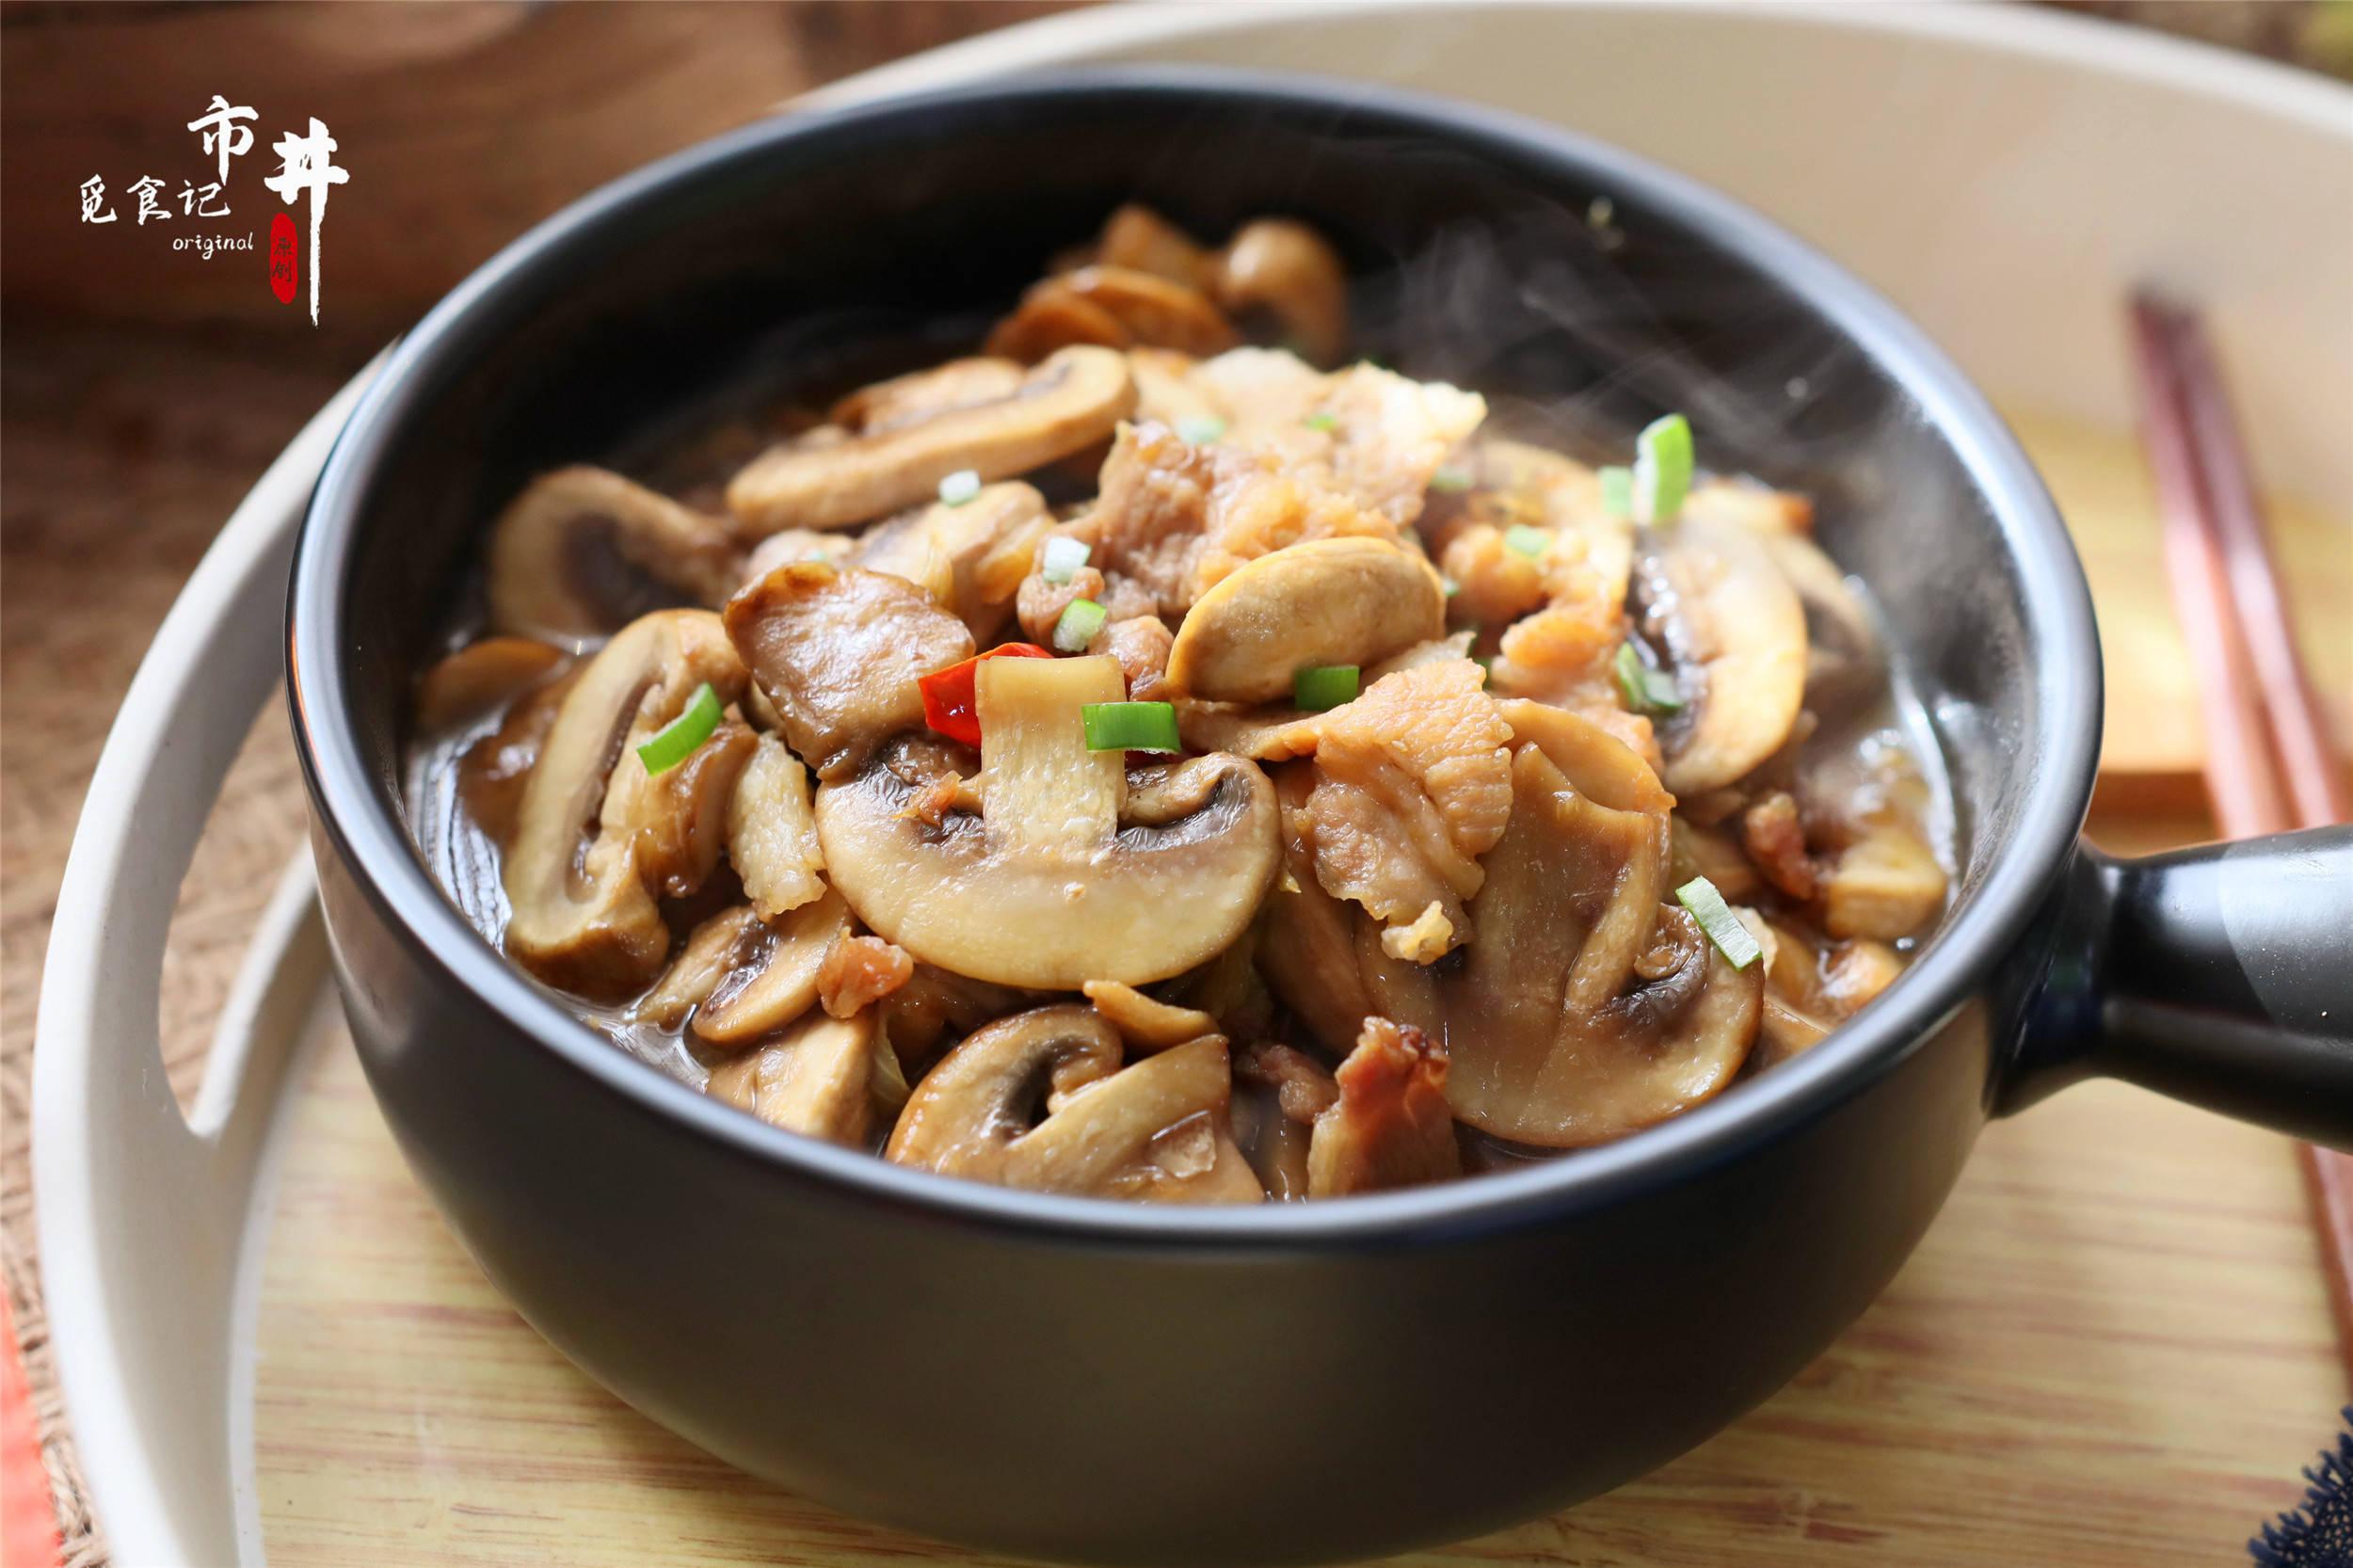 口蘑炒五花肉,想不到这么一做,鲜味如此浓郁,吃过1次忘不掉